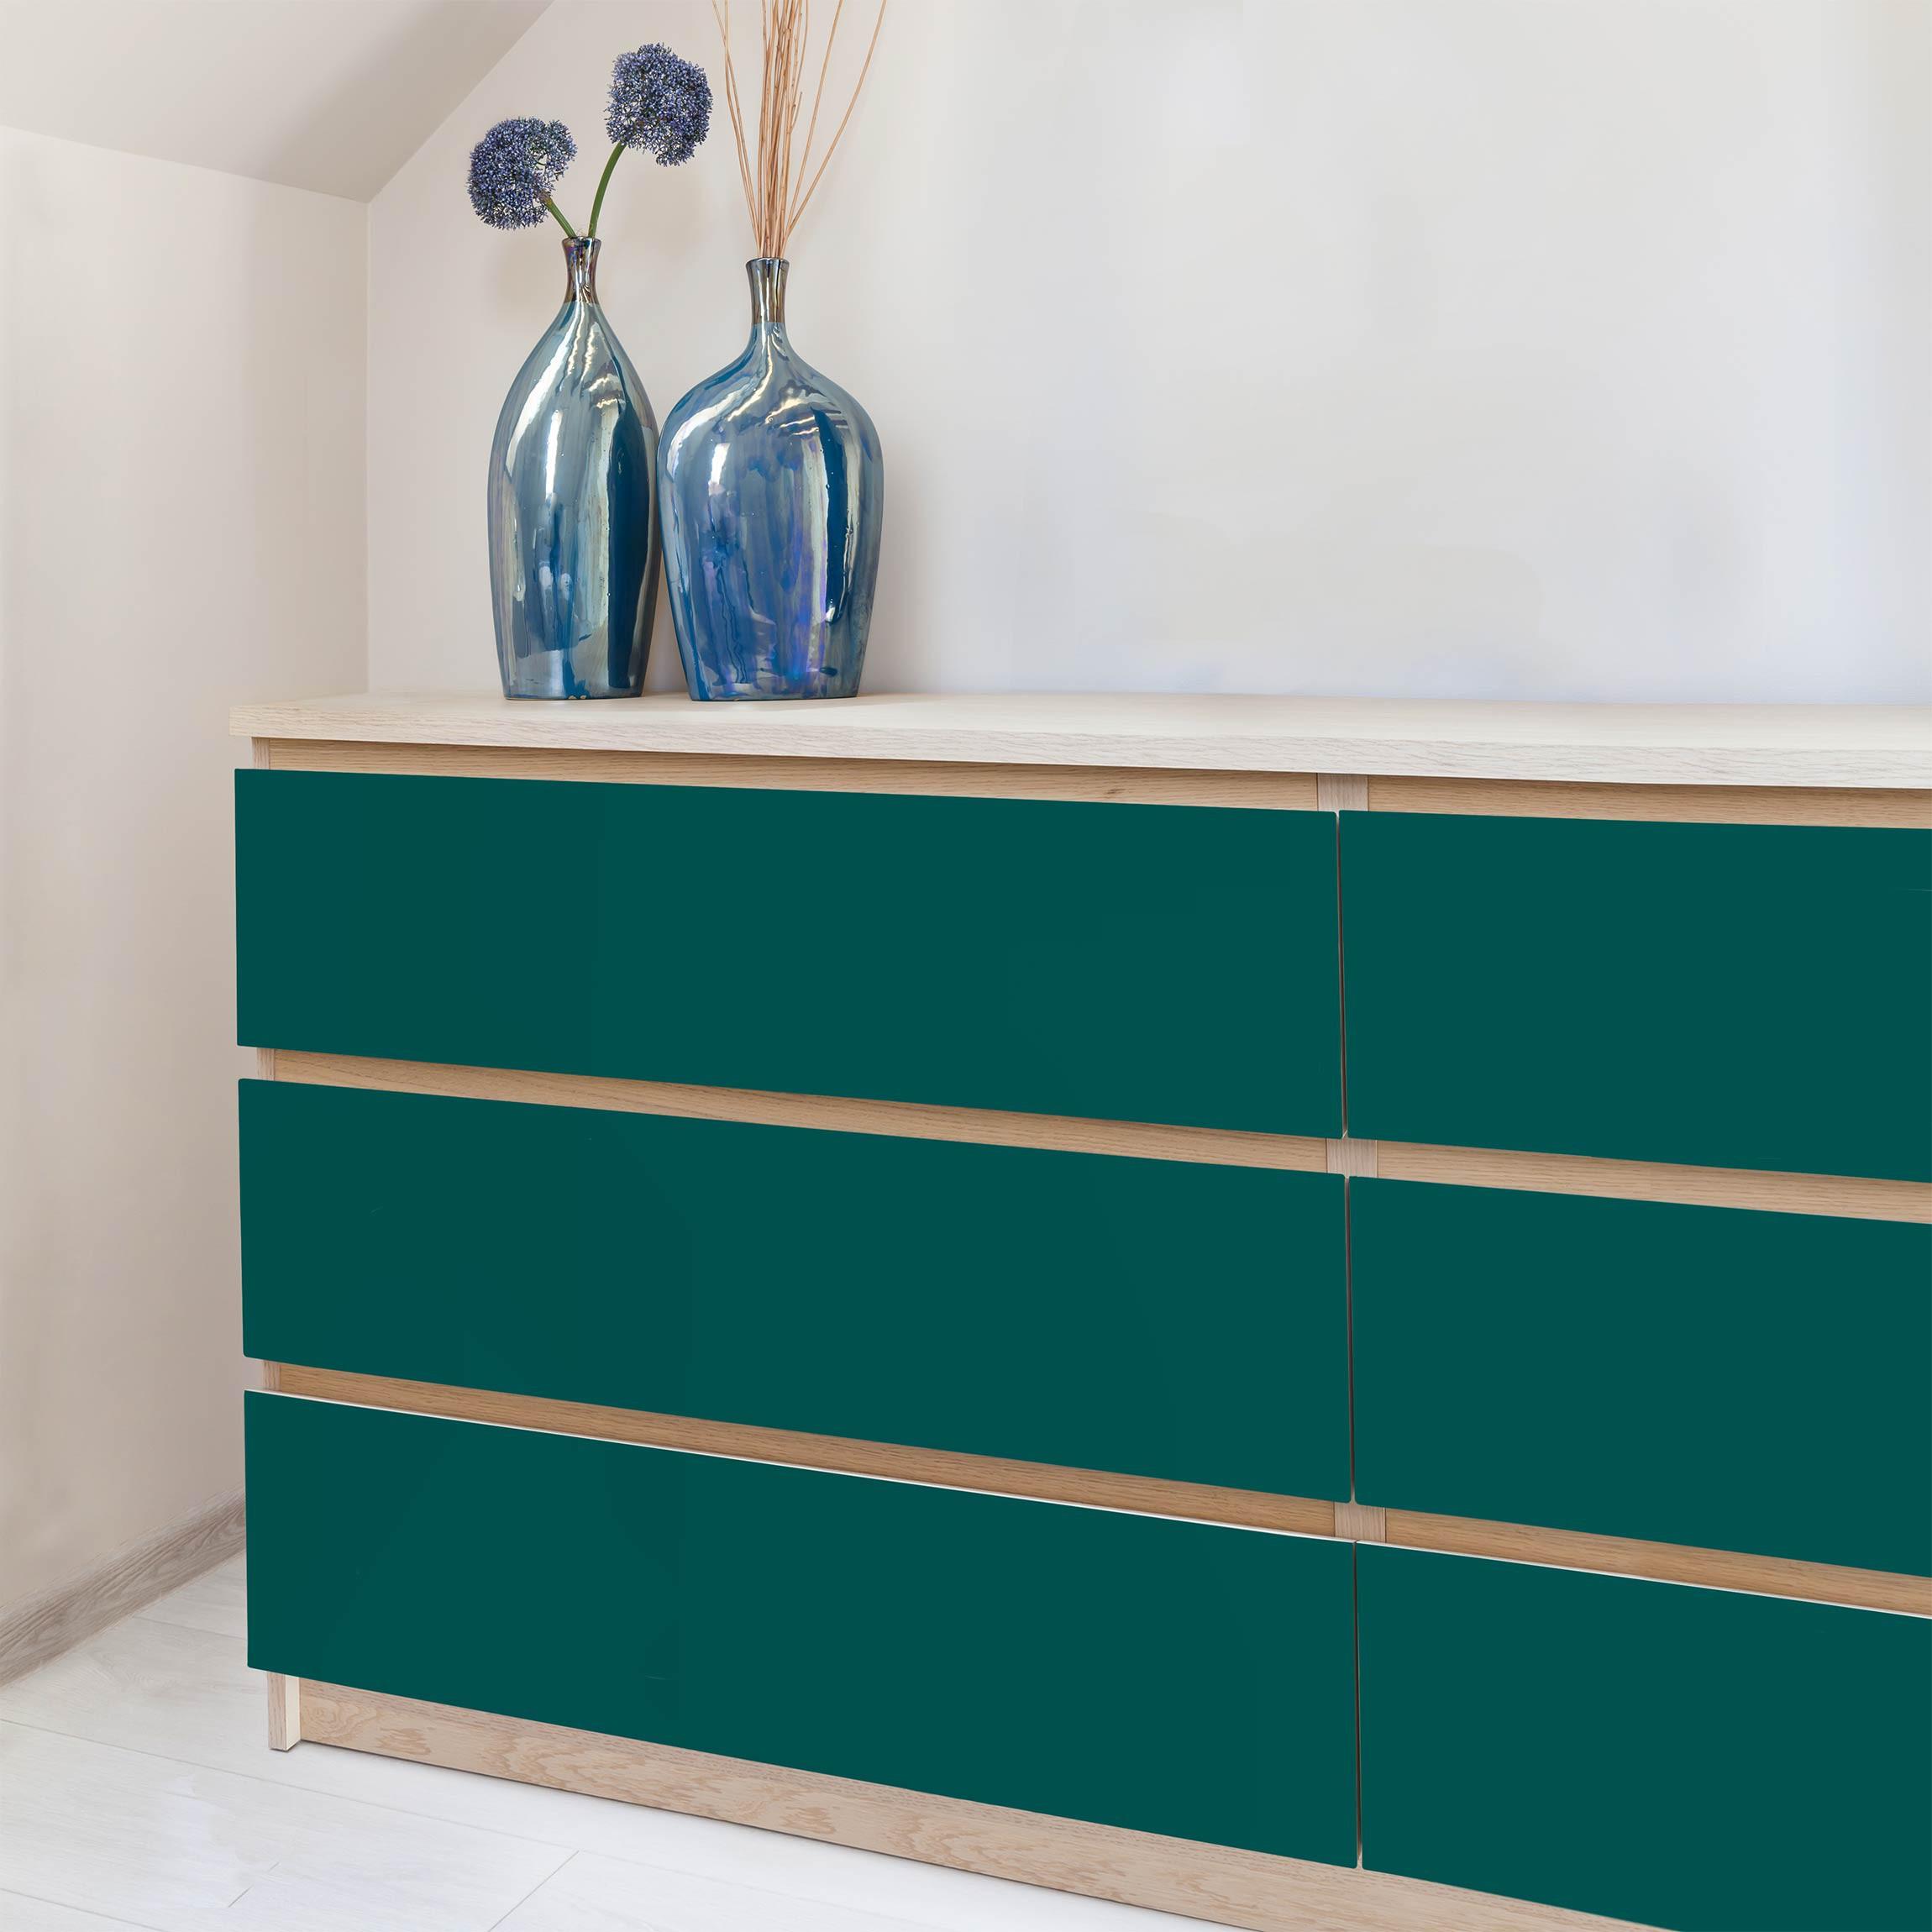 Badezimmerschrank Rot: Möbelfolie Grün-blau Einfarbig